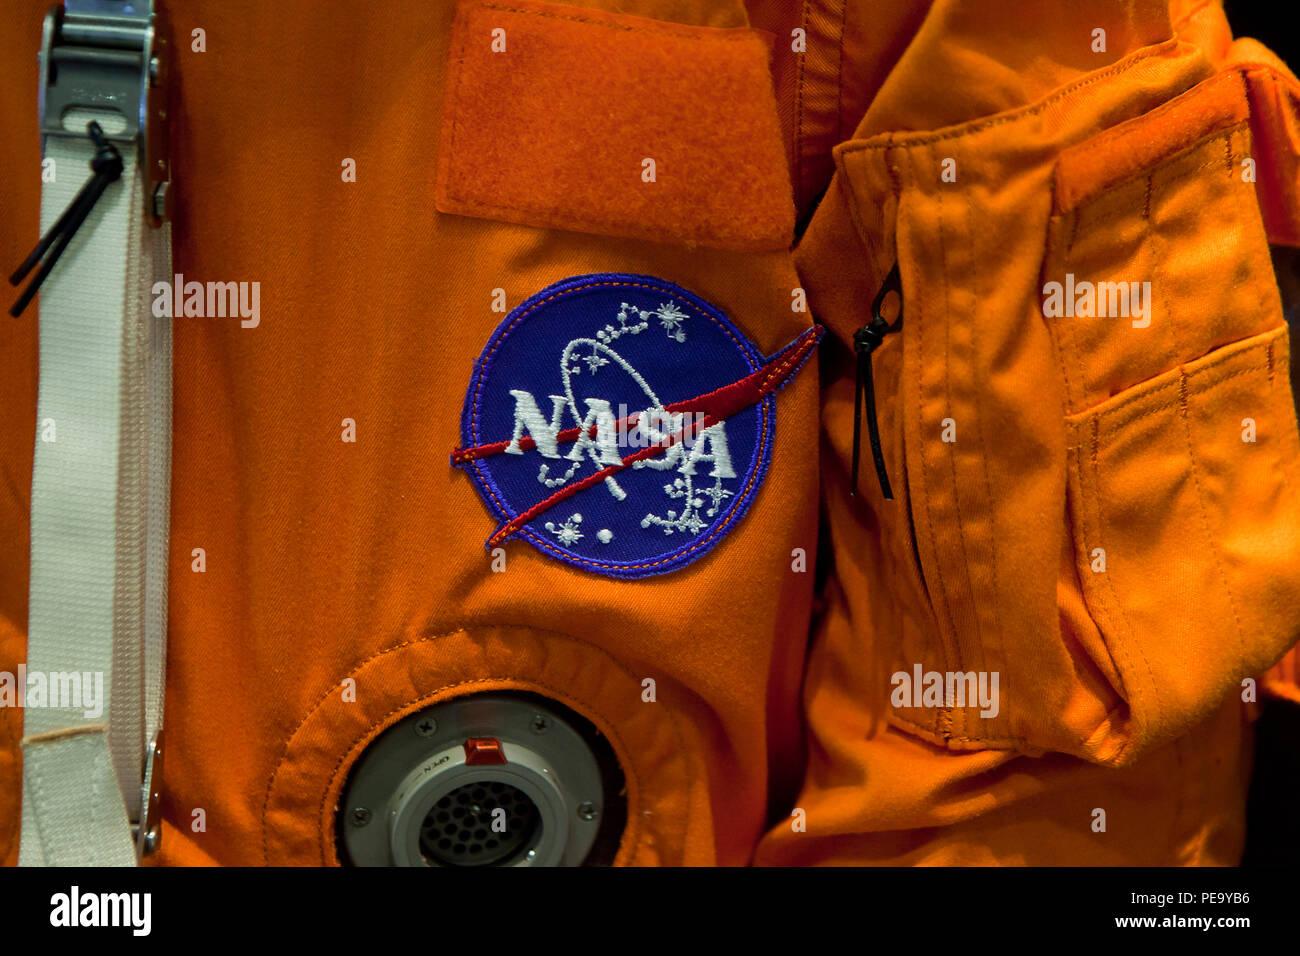 La NASA patch su Advanced equipaggio tuta Escape (ACE, zucca suit) - USA Immagini Stock